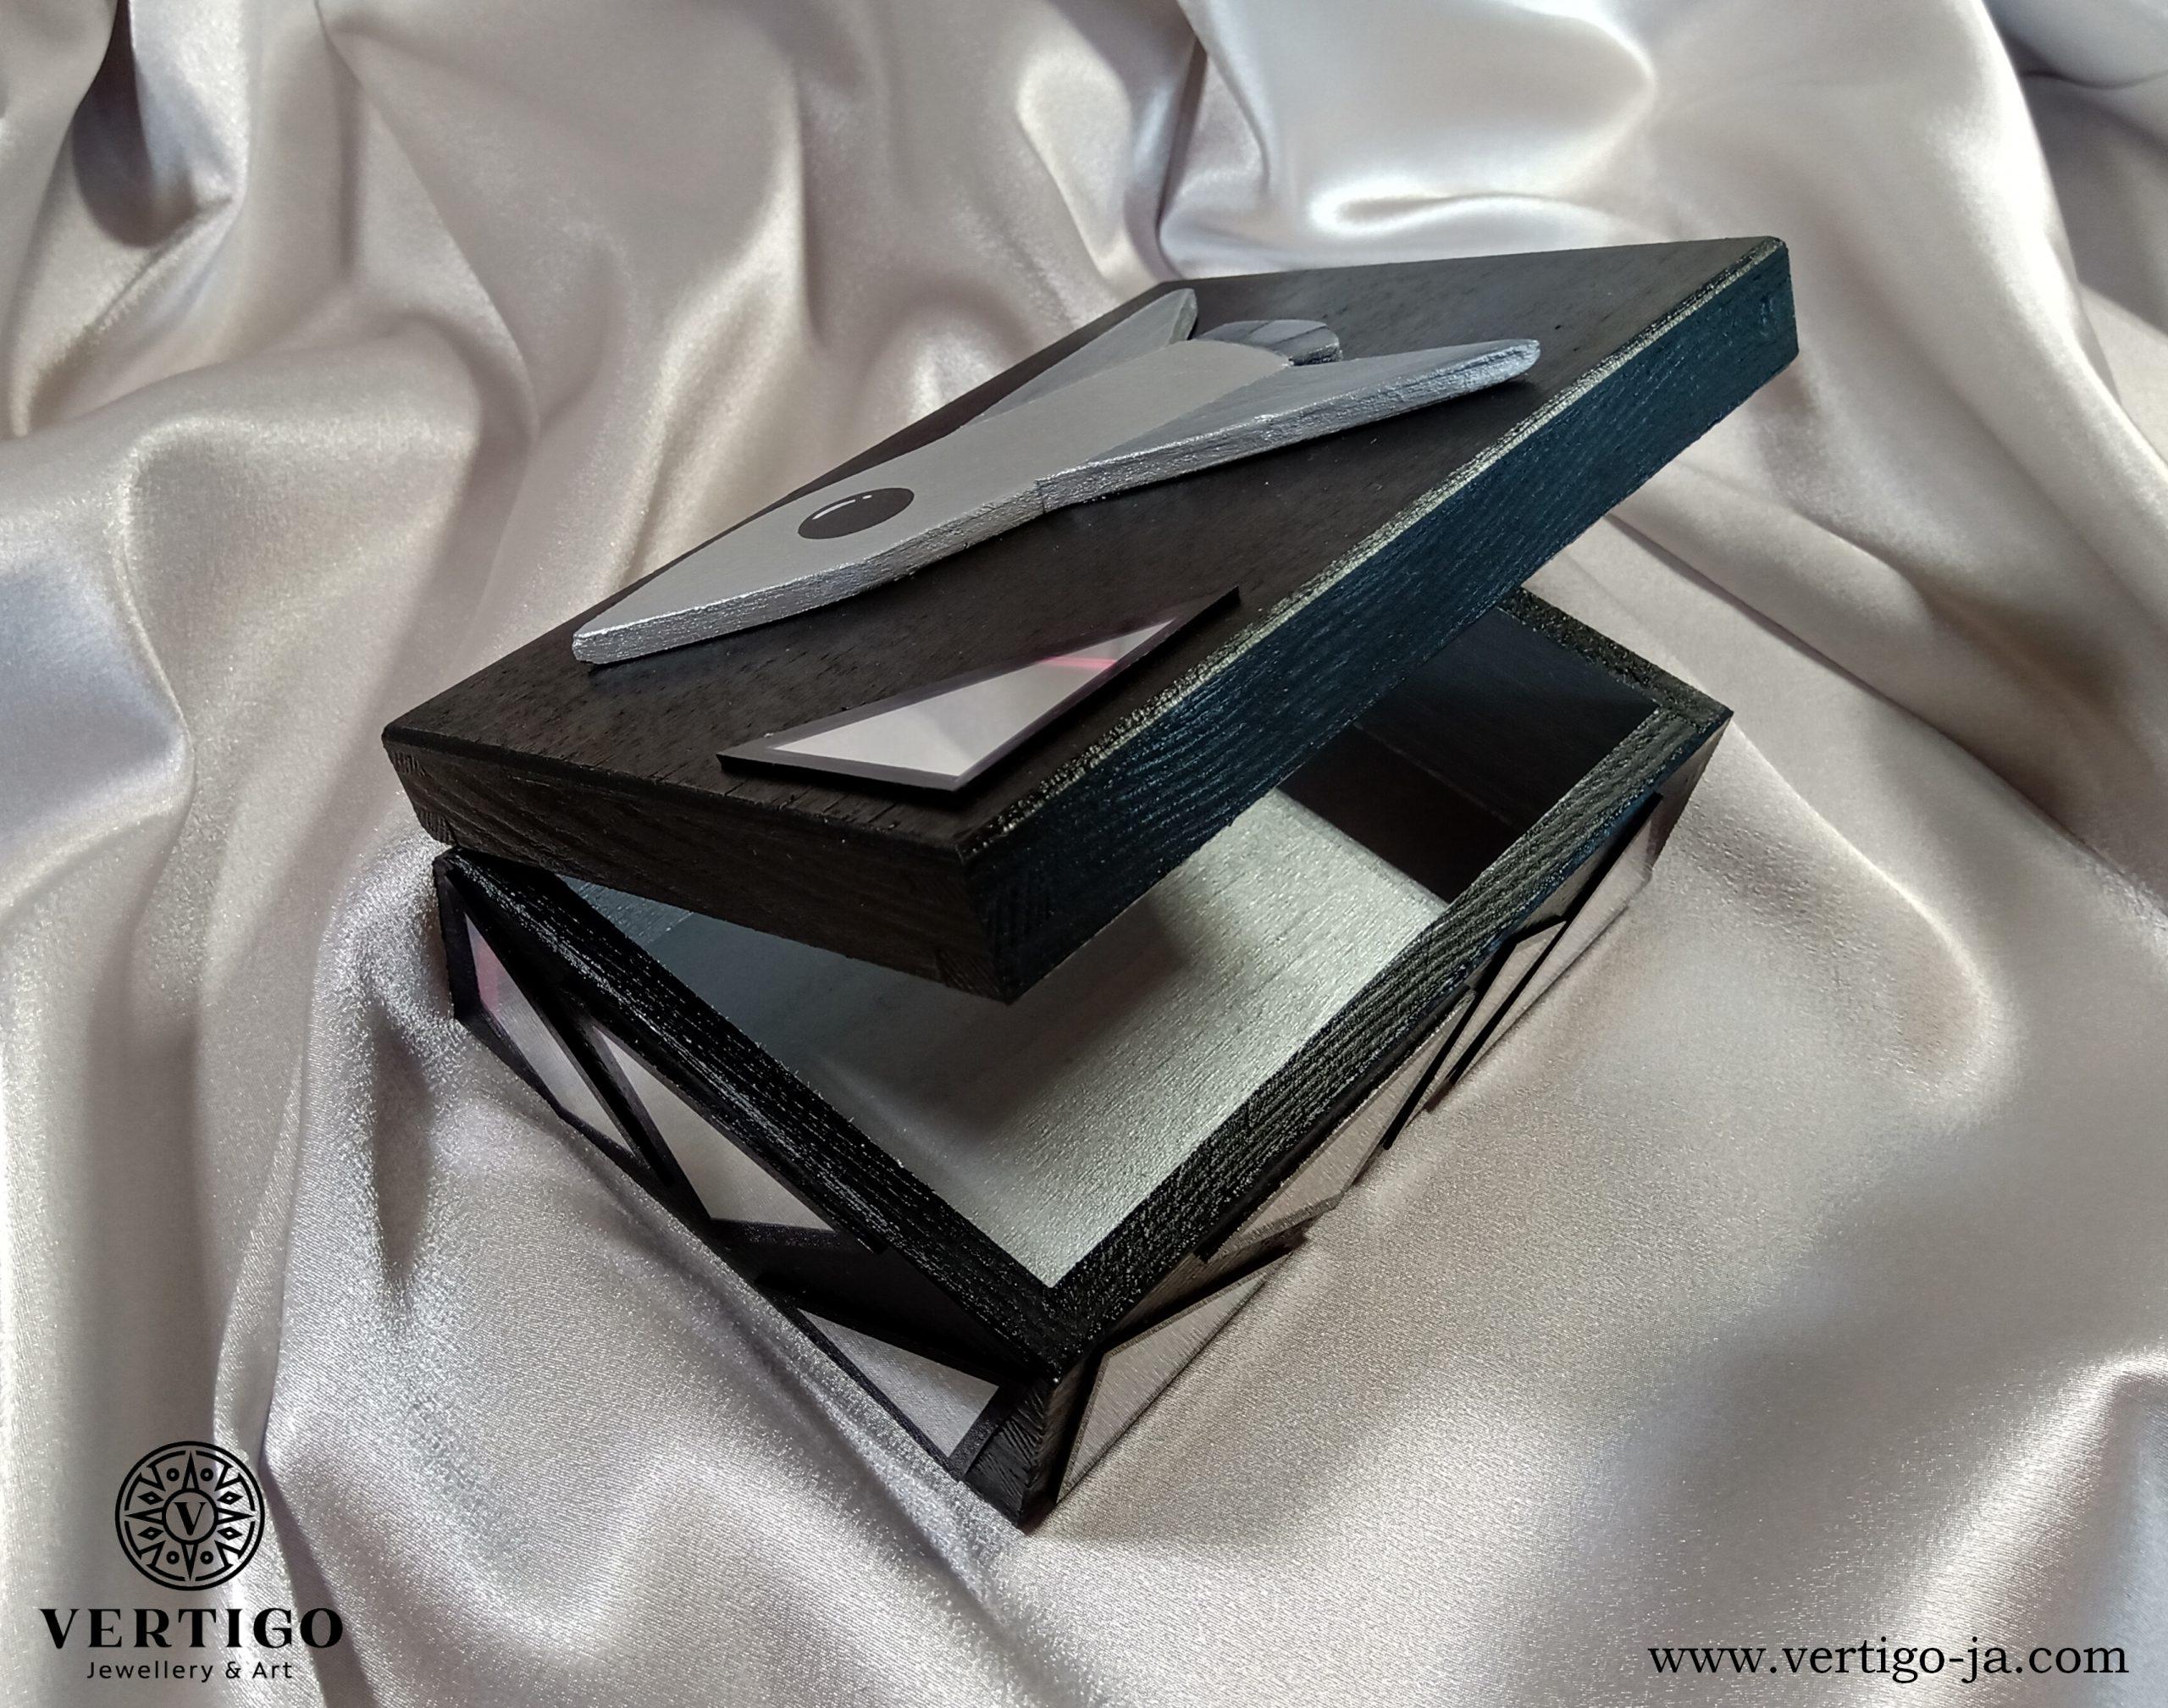 Srebrny środek drewnianego pudełka z rakietą